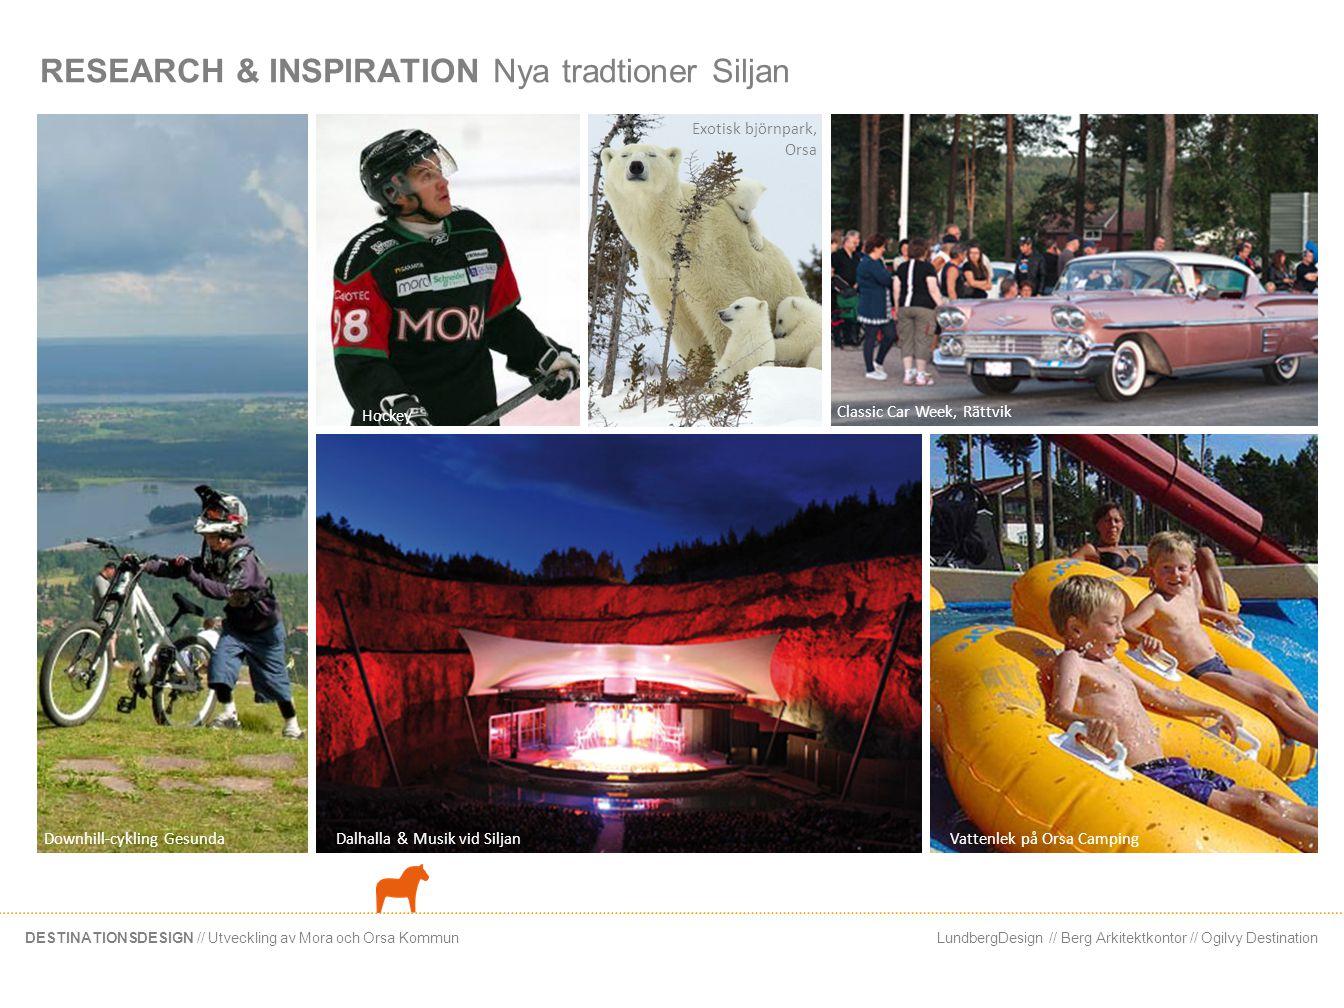 LundbergDesign // Berg Arkitektkontor // Ogilvy DestinationDESTINATIONSDESIGN // Utveckling av Mora och Orsa Kommun RESEARCH & INSPIRATION Nya tradtio